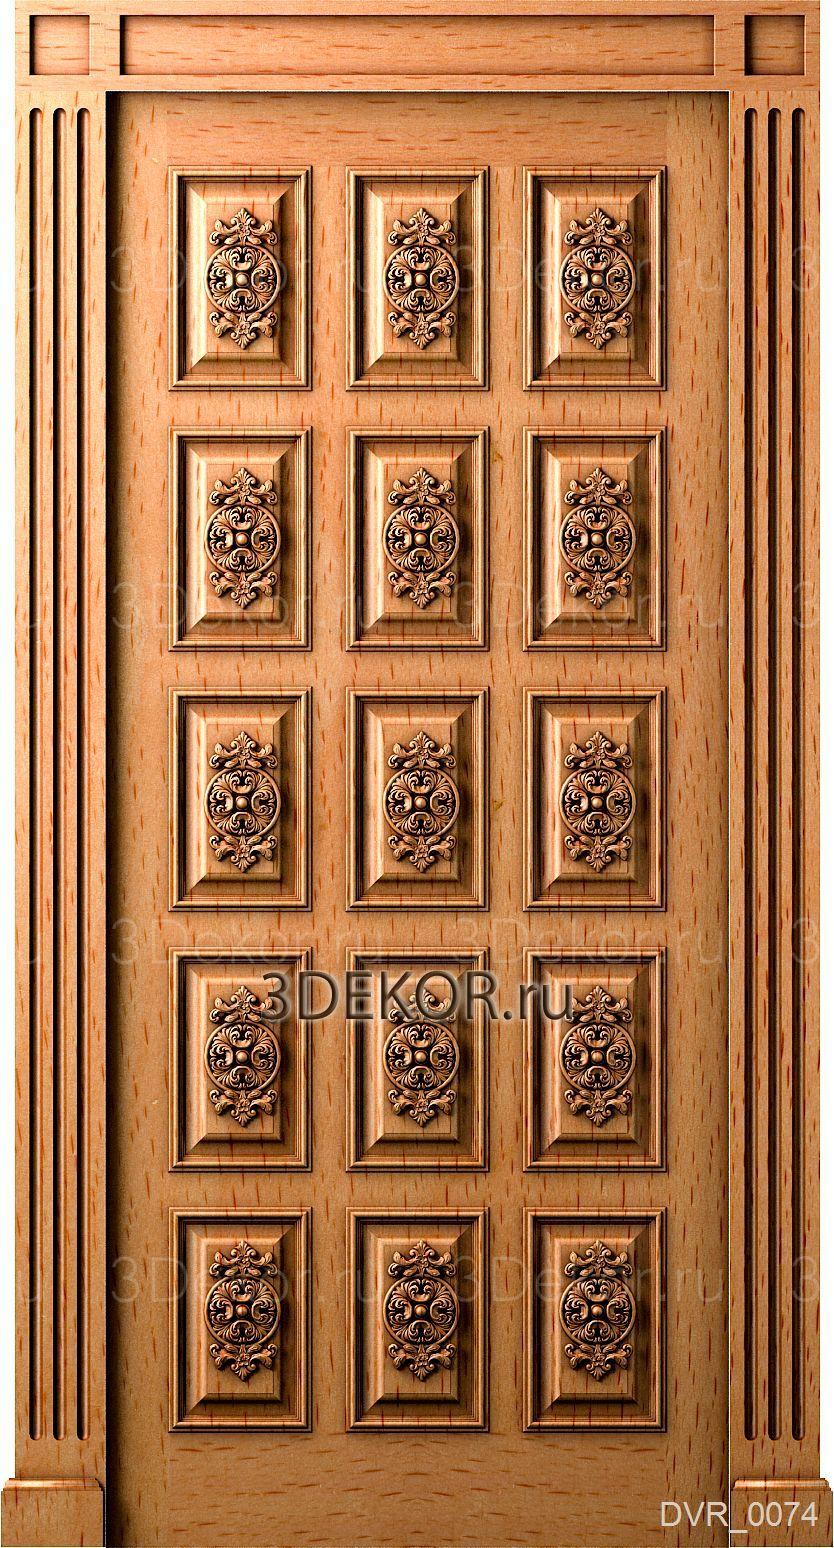 дверь из массива. каталог 3декор